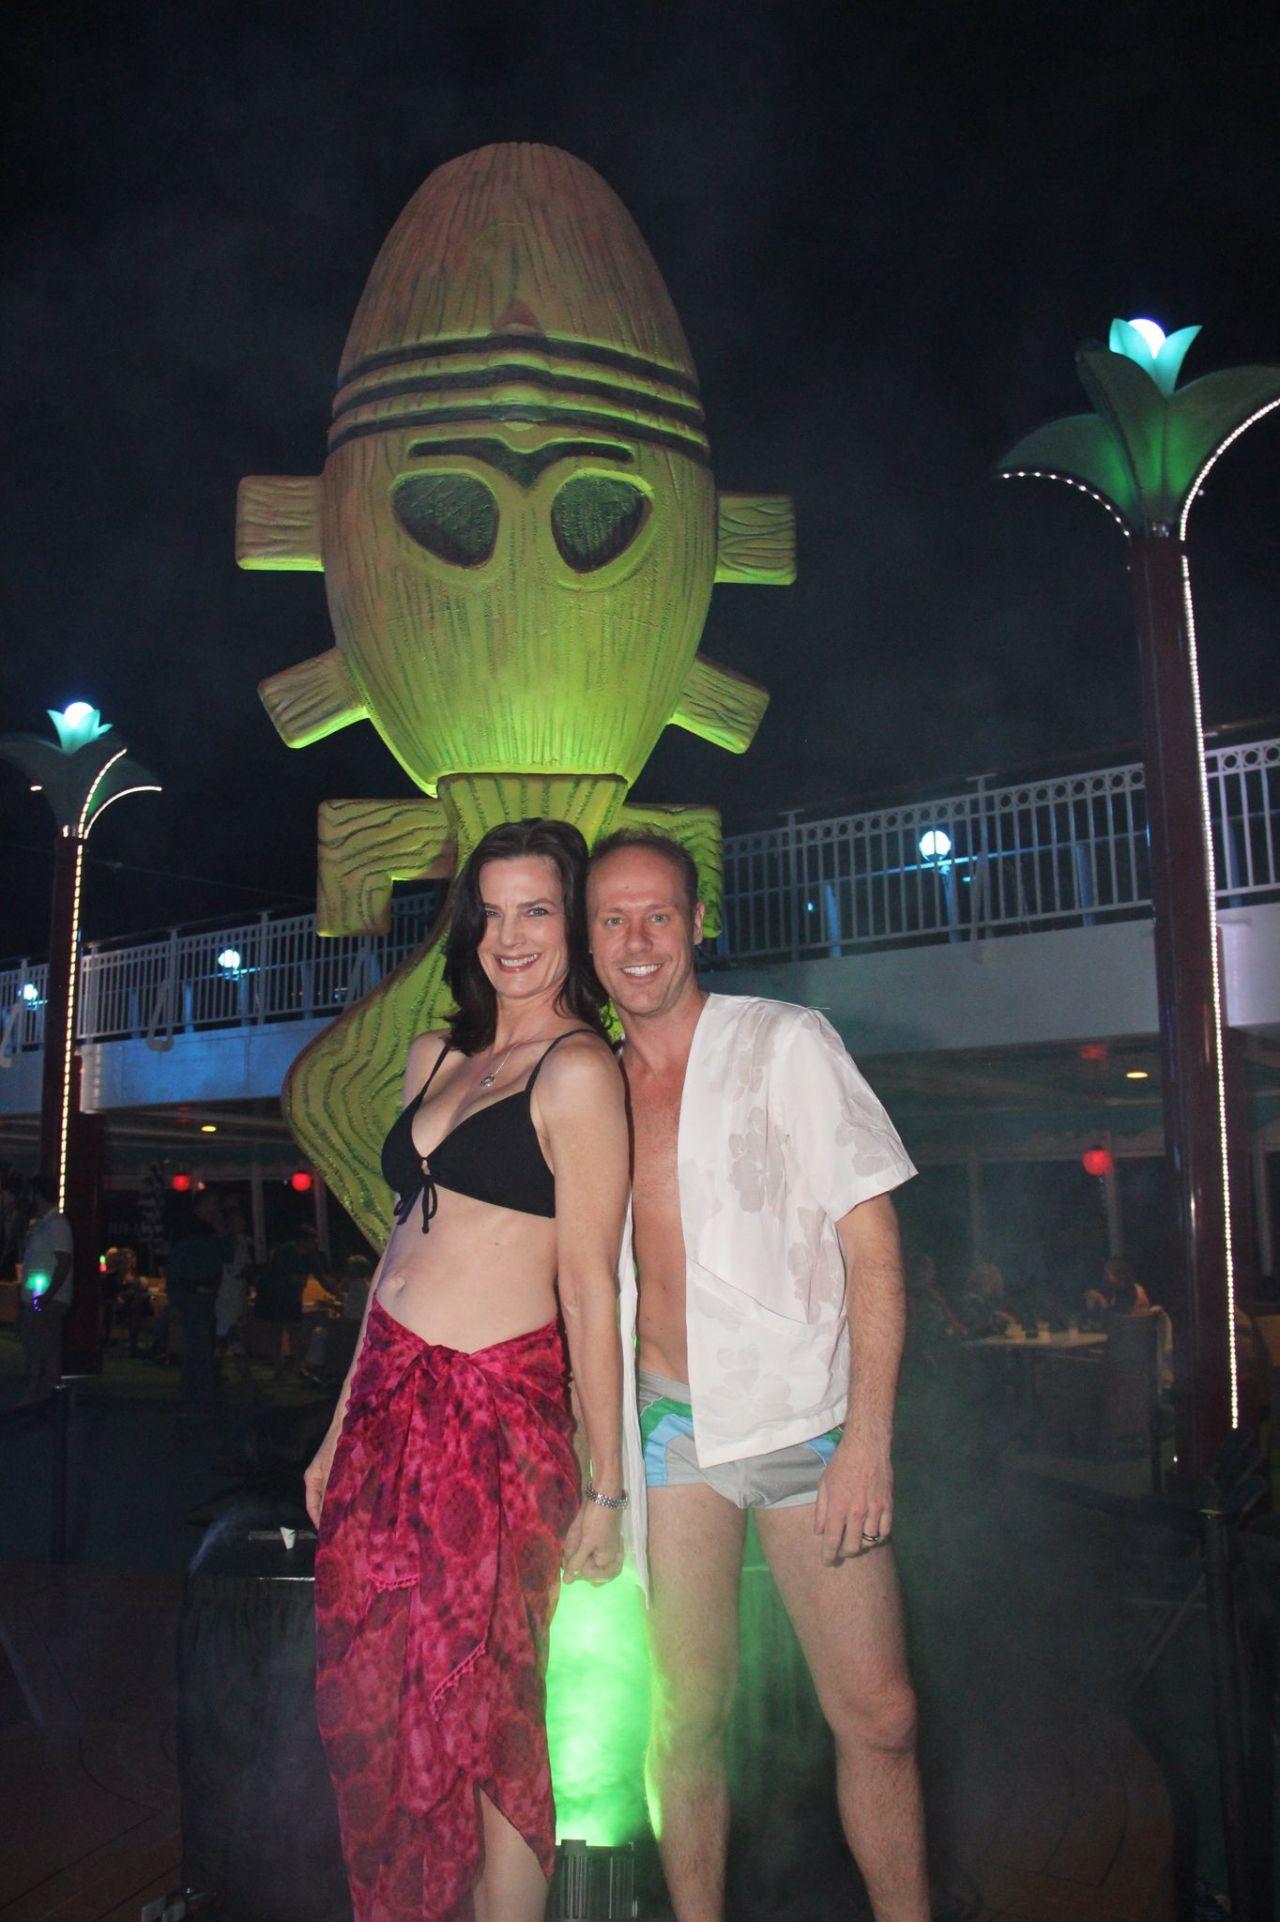 Awesome wife Star bikini top